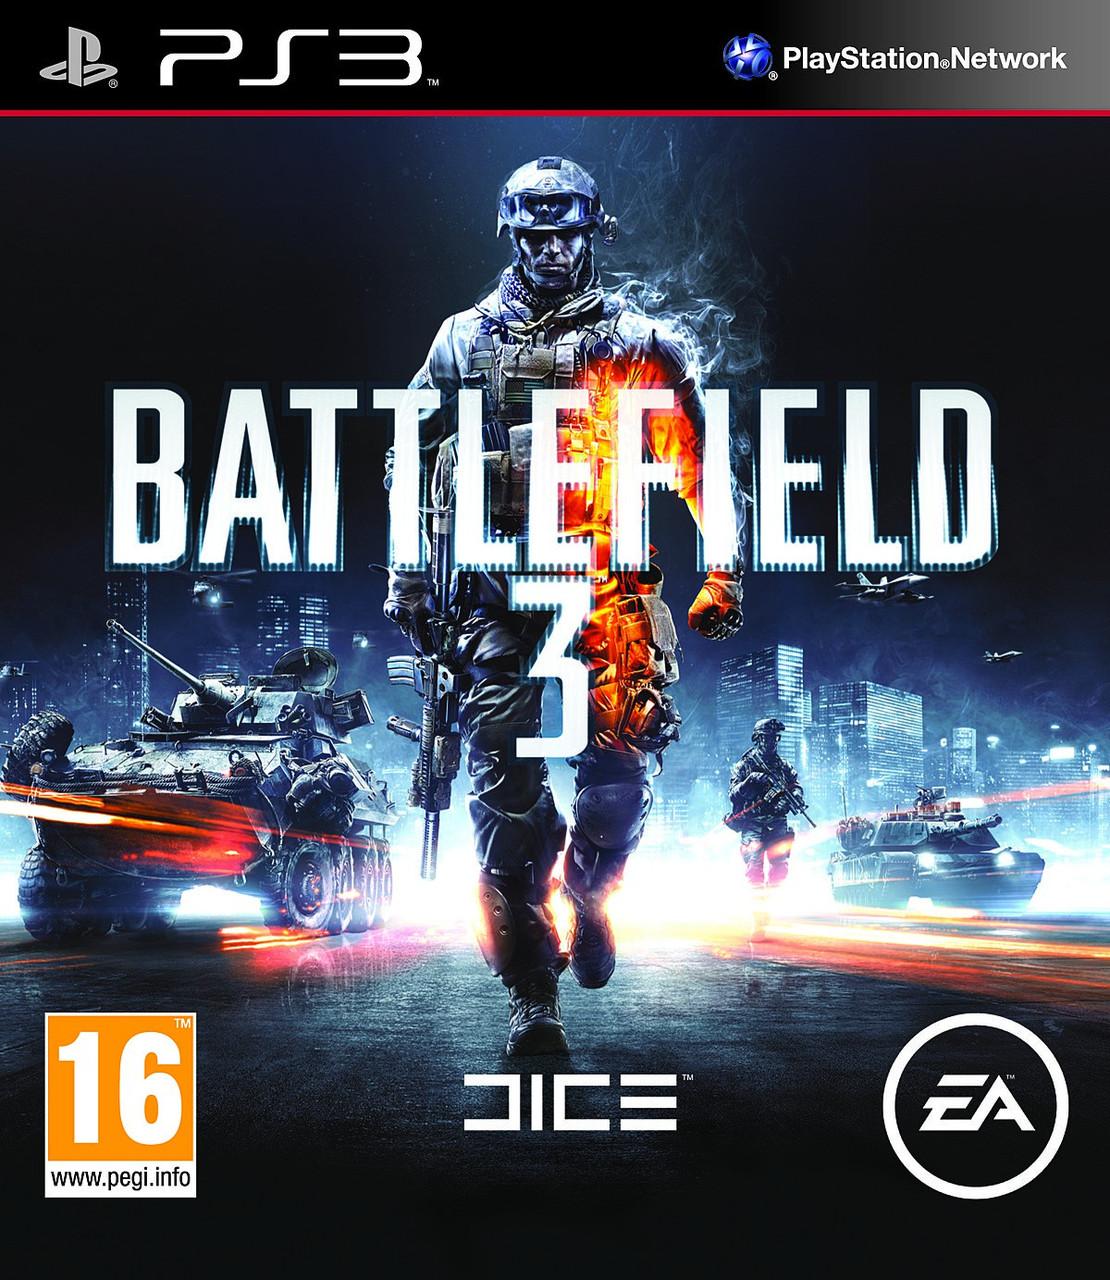 Battlefield 3 (російська версія) PS3